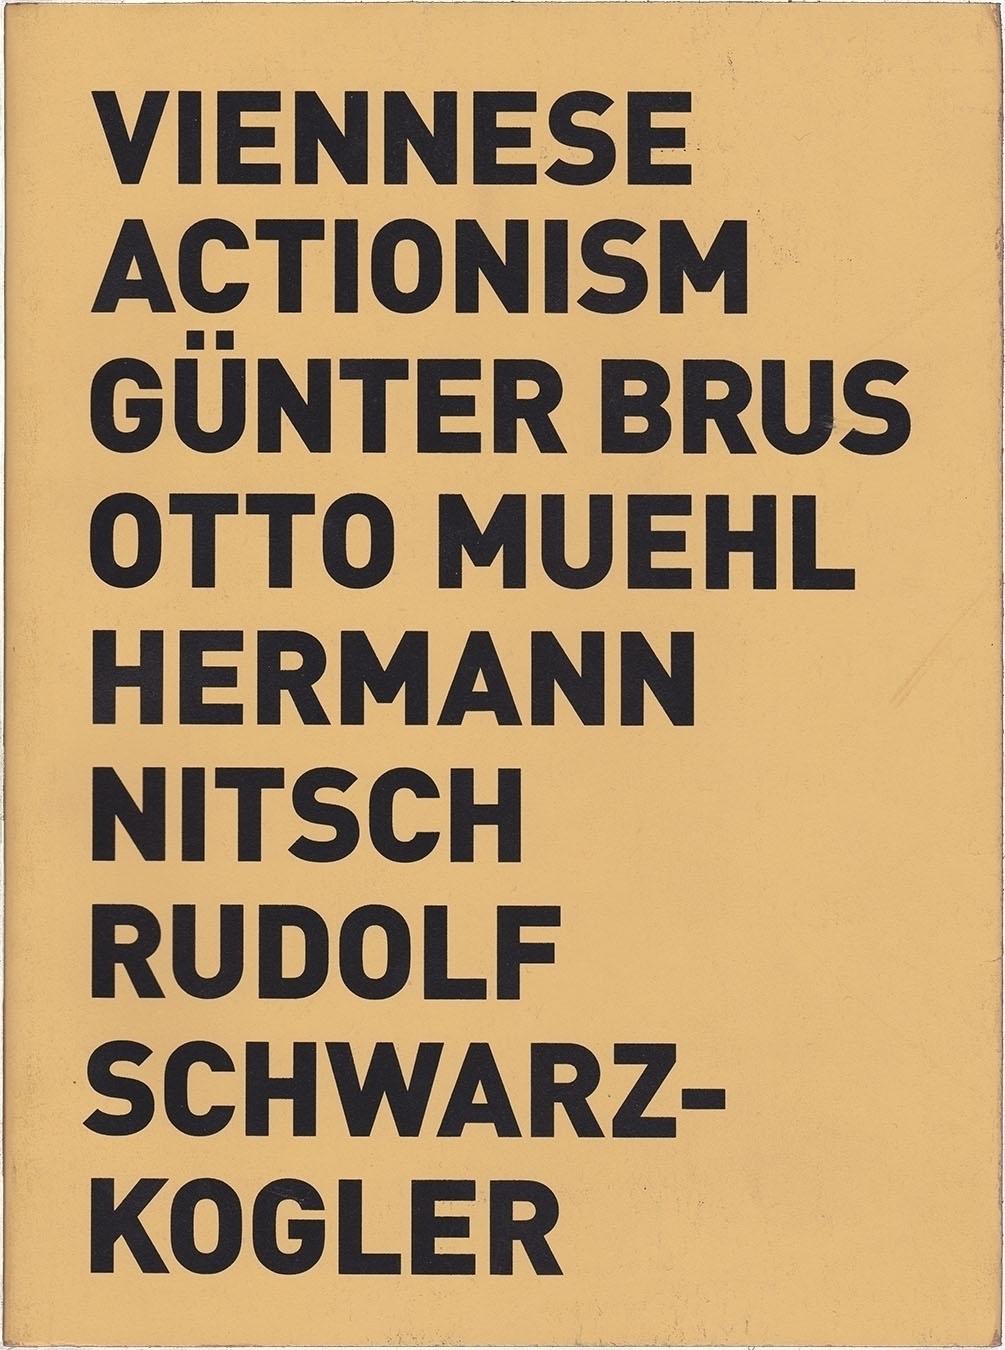 Viennese Actionism. Günter Brus - modernism_is_crap | ello